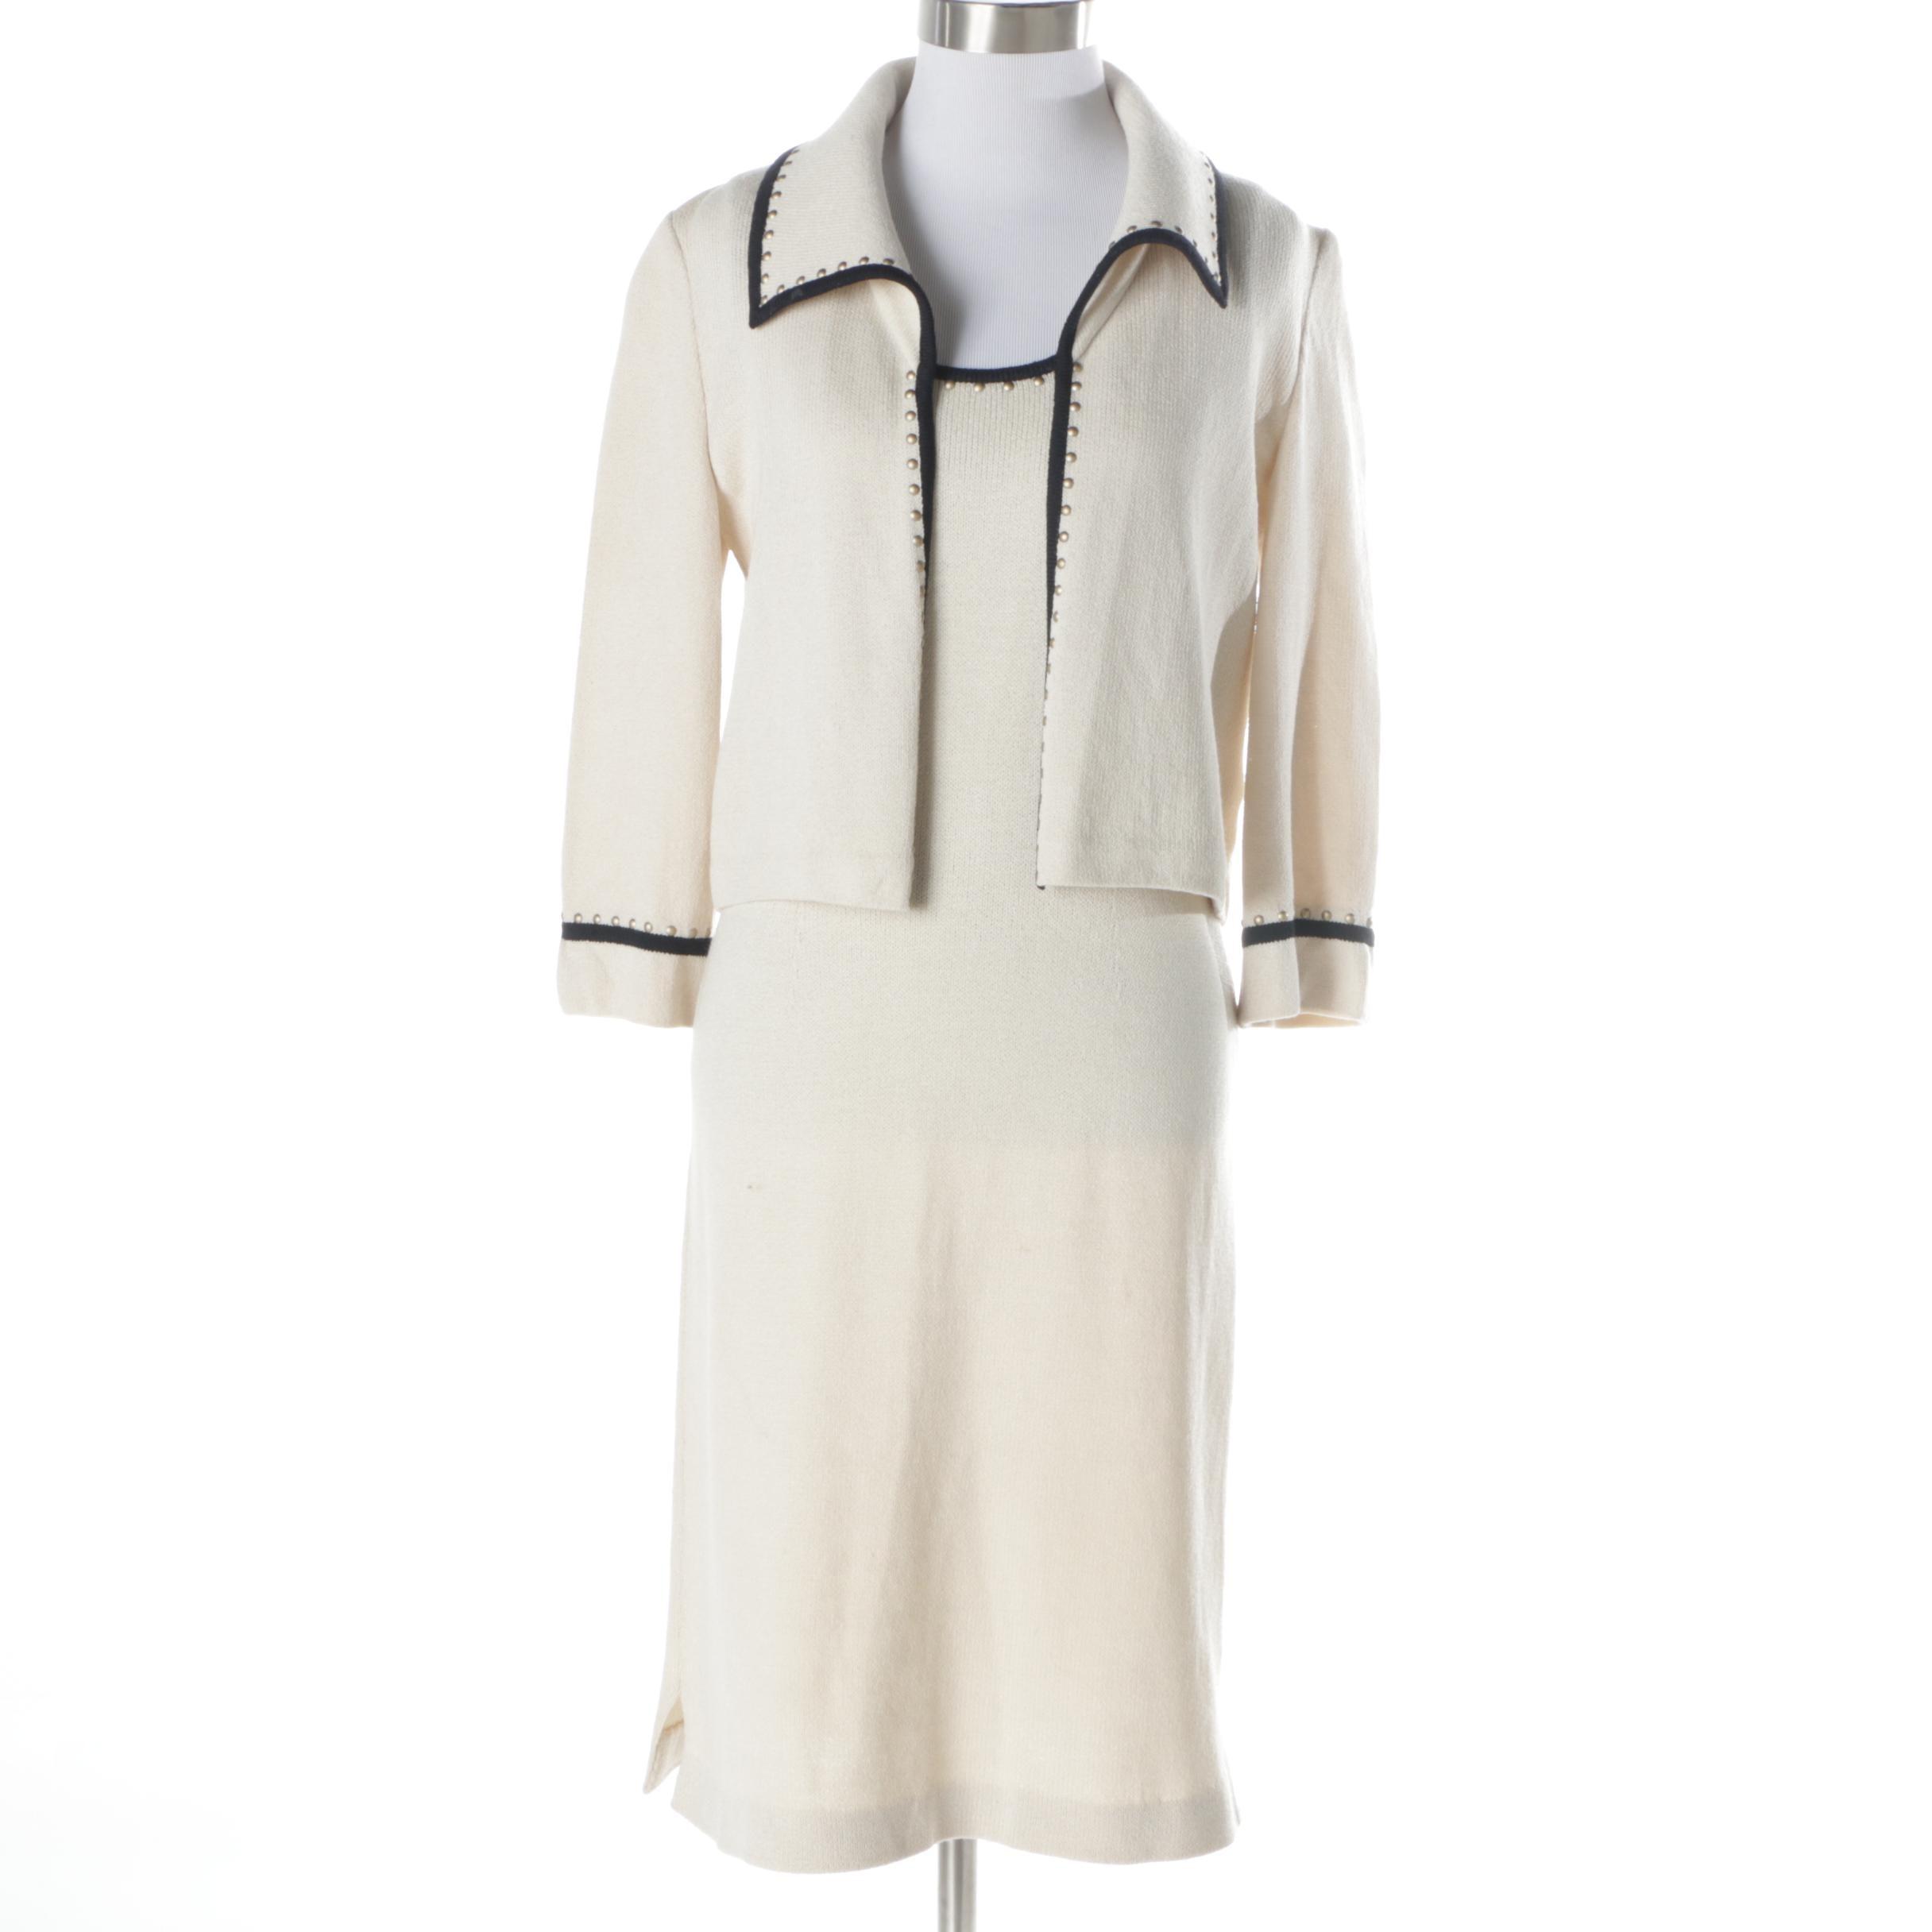 Women's St. John Collection Dress Set